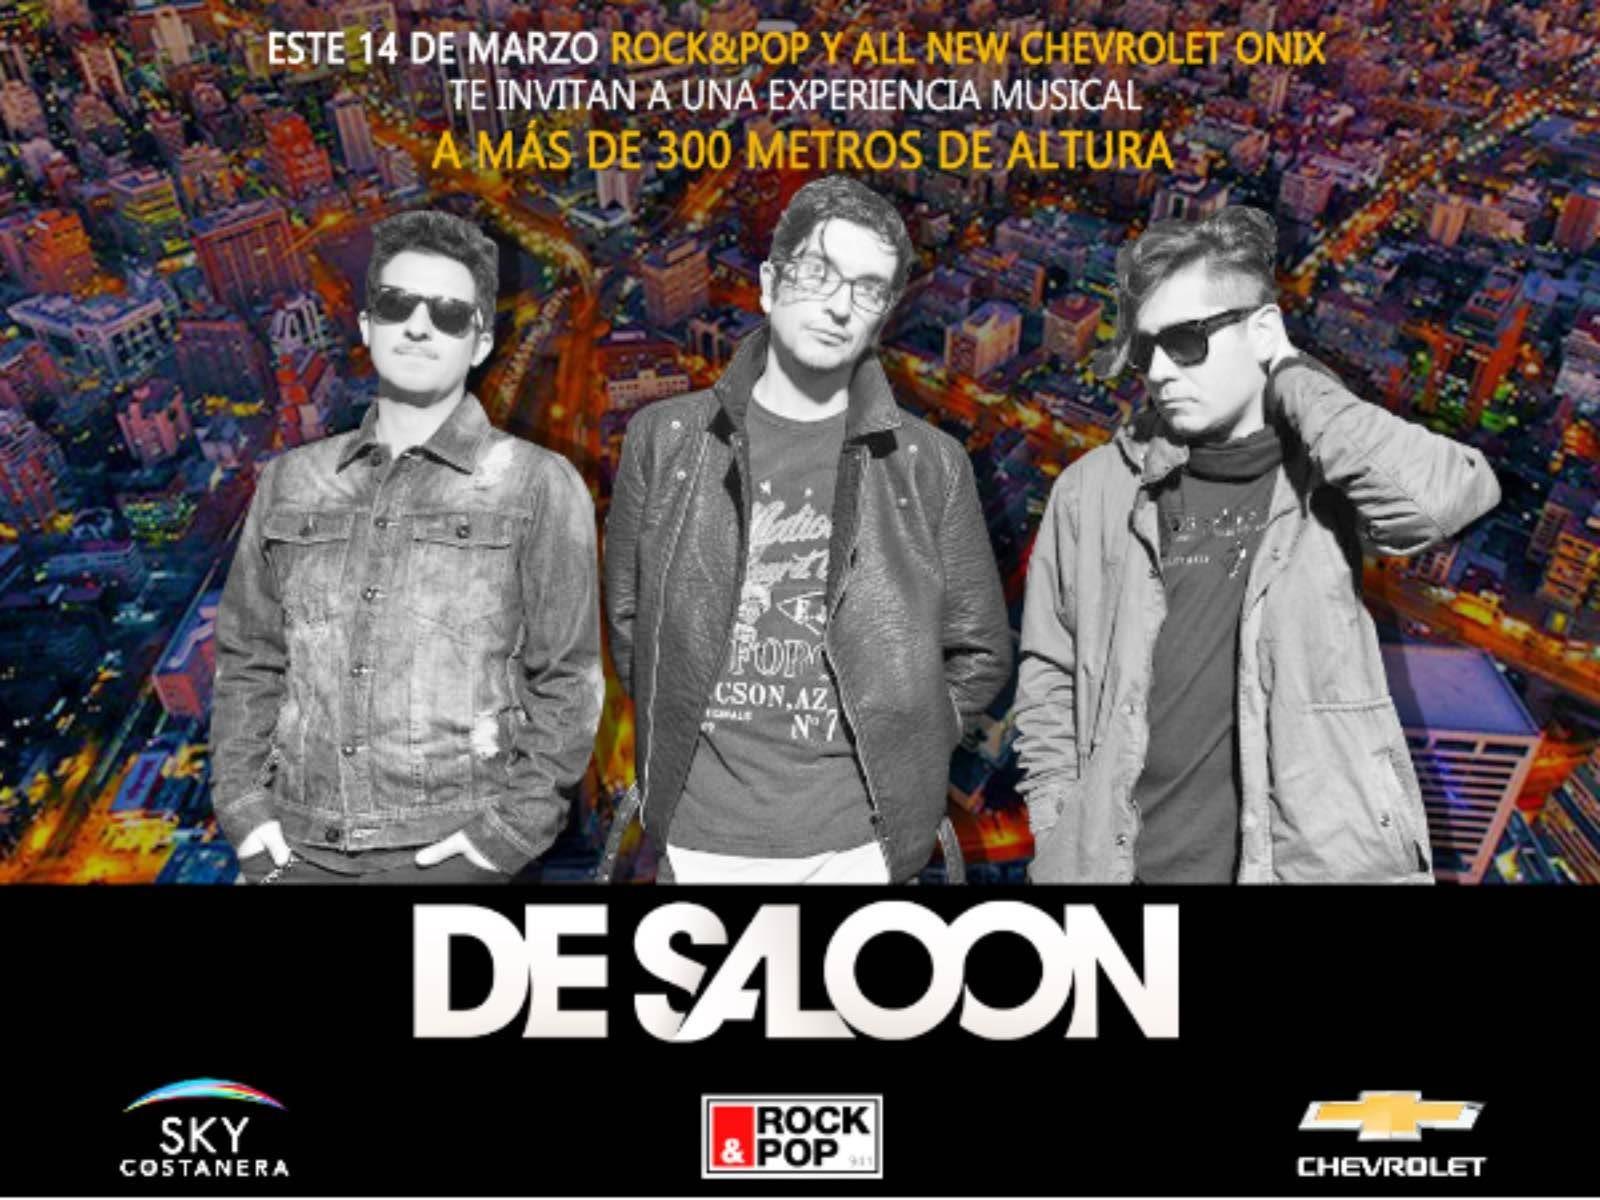 Chevy Music cierra su ciclo con De Saloon